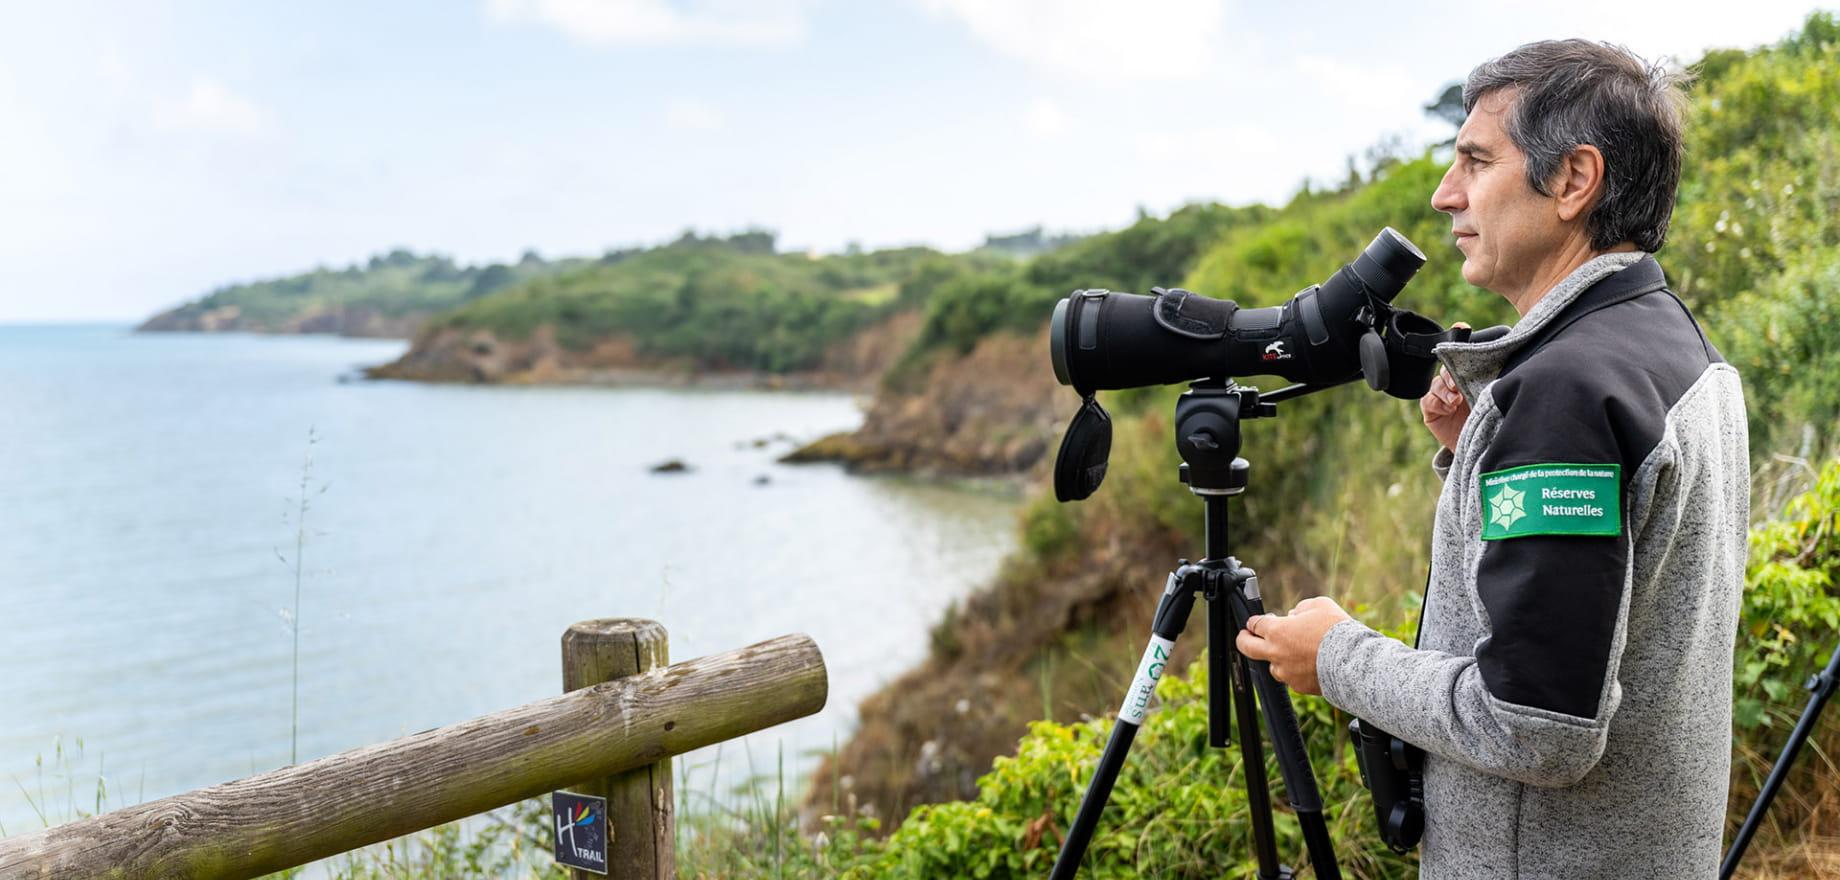 Reserve naturelle a Hillion, jumelles, observation oiseaux - Alain Ponsero portrait